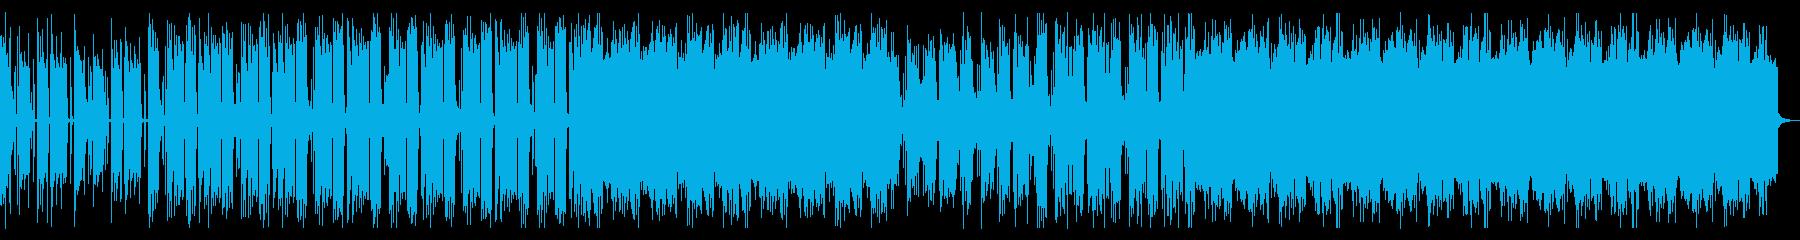 禍々しいロック_No689_1の再生済みの波形